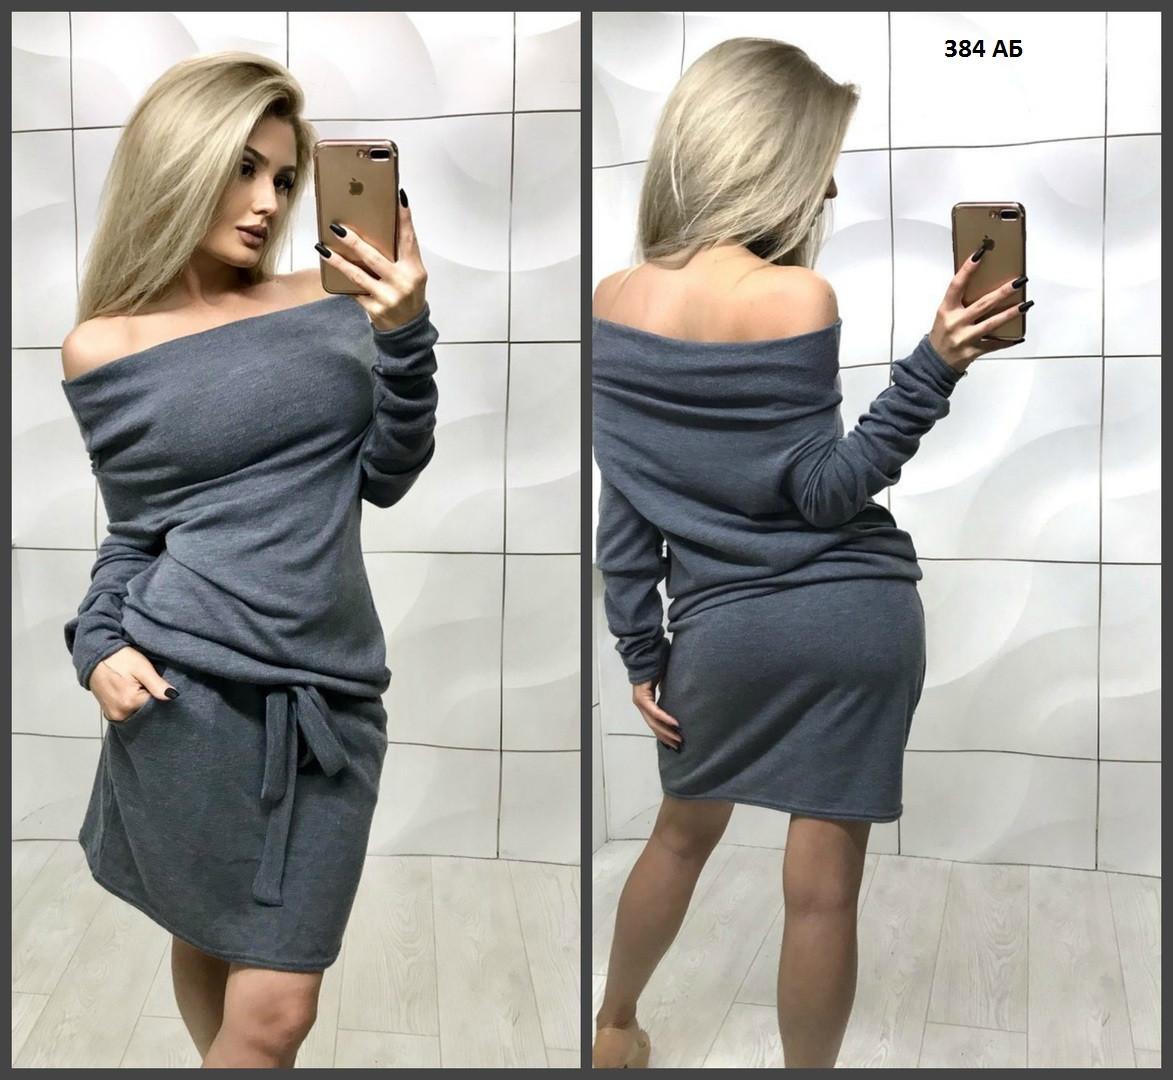 Теплое женское платье 384 АБ